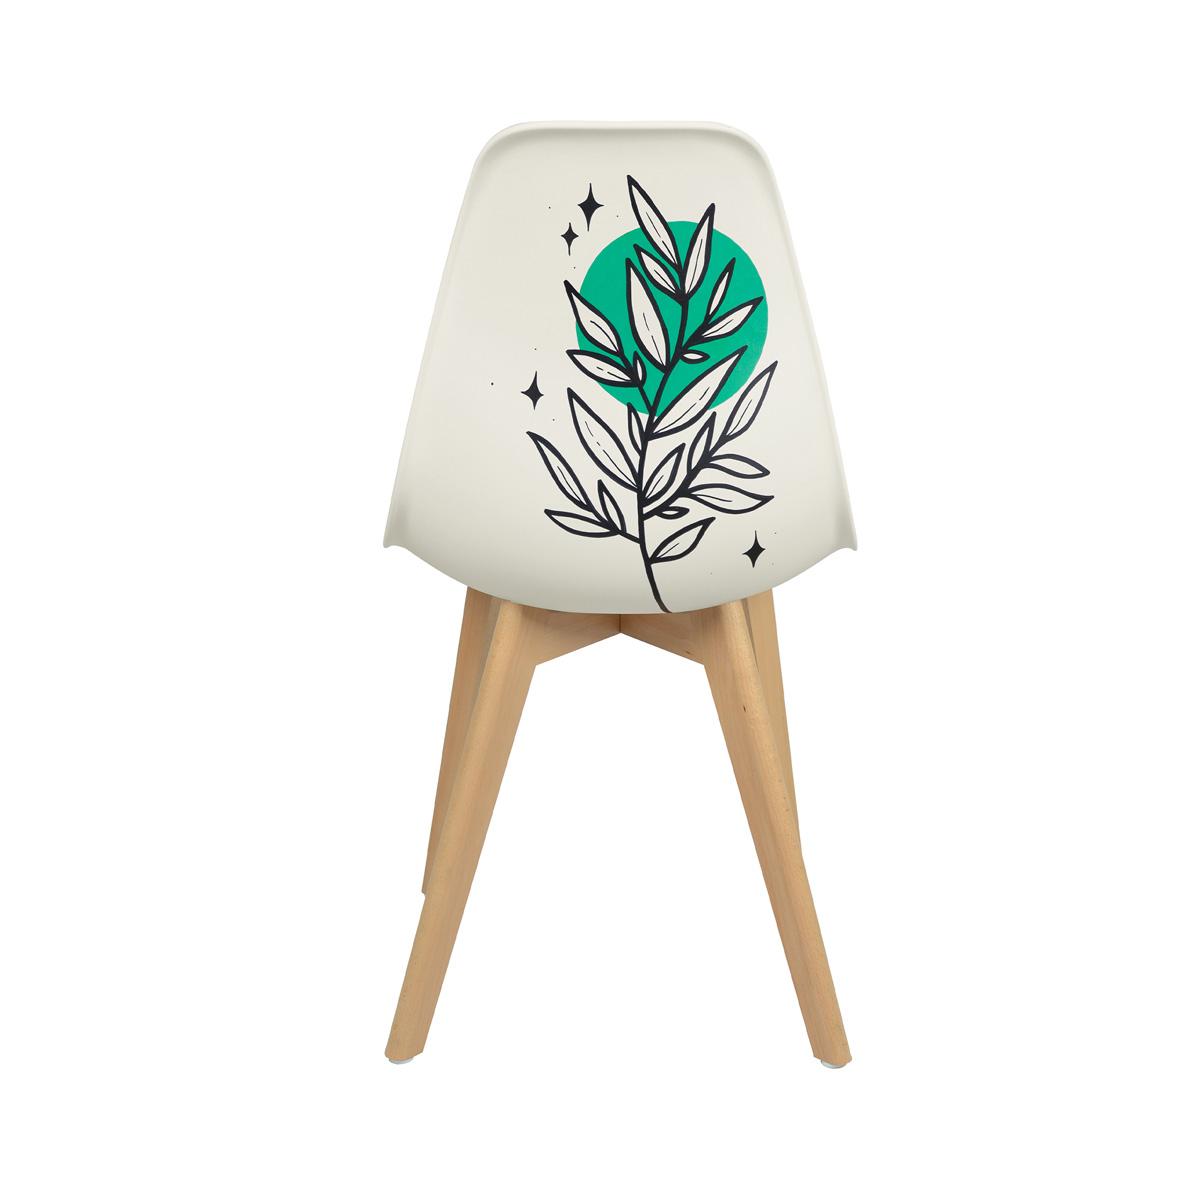 Chaise scandinave modèle unique d'artiste